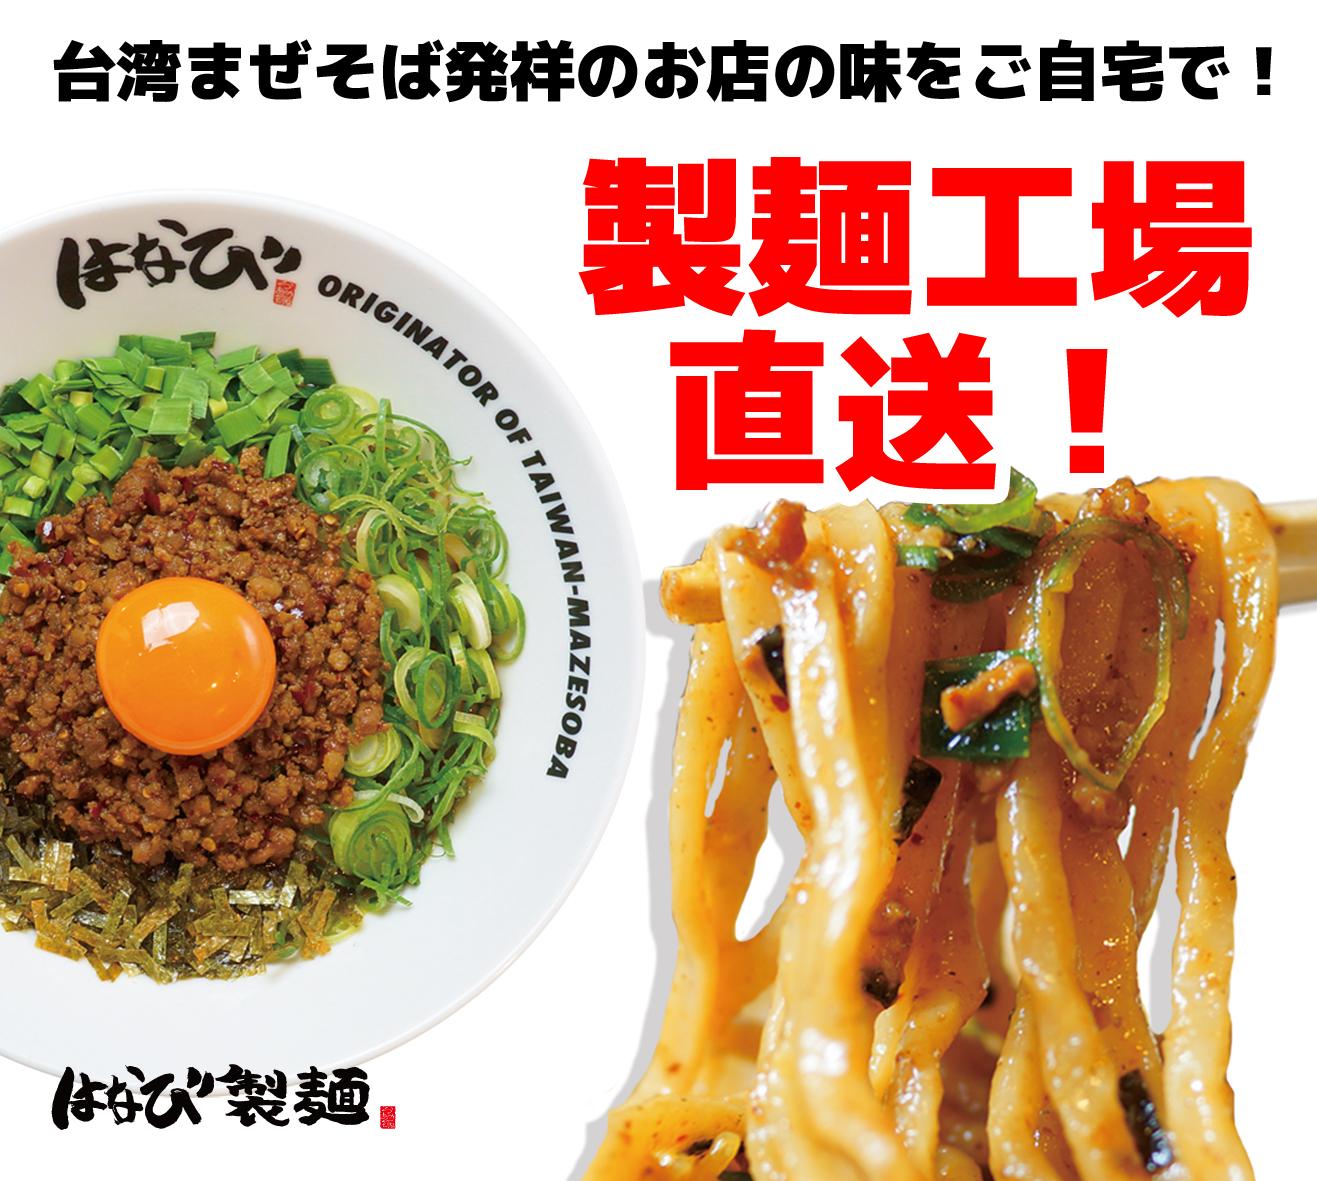 【直営公式】麺屋はなびONLINE SHOP